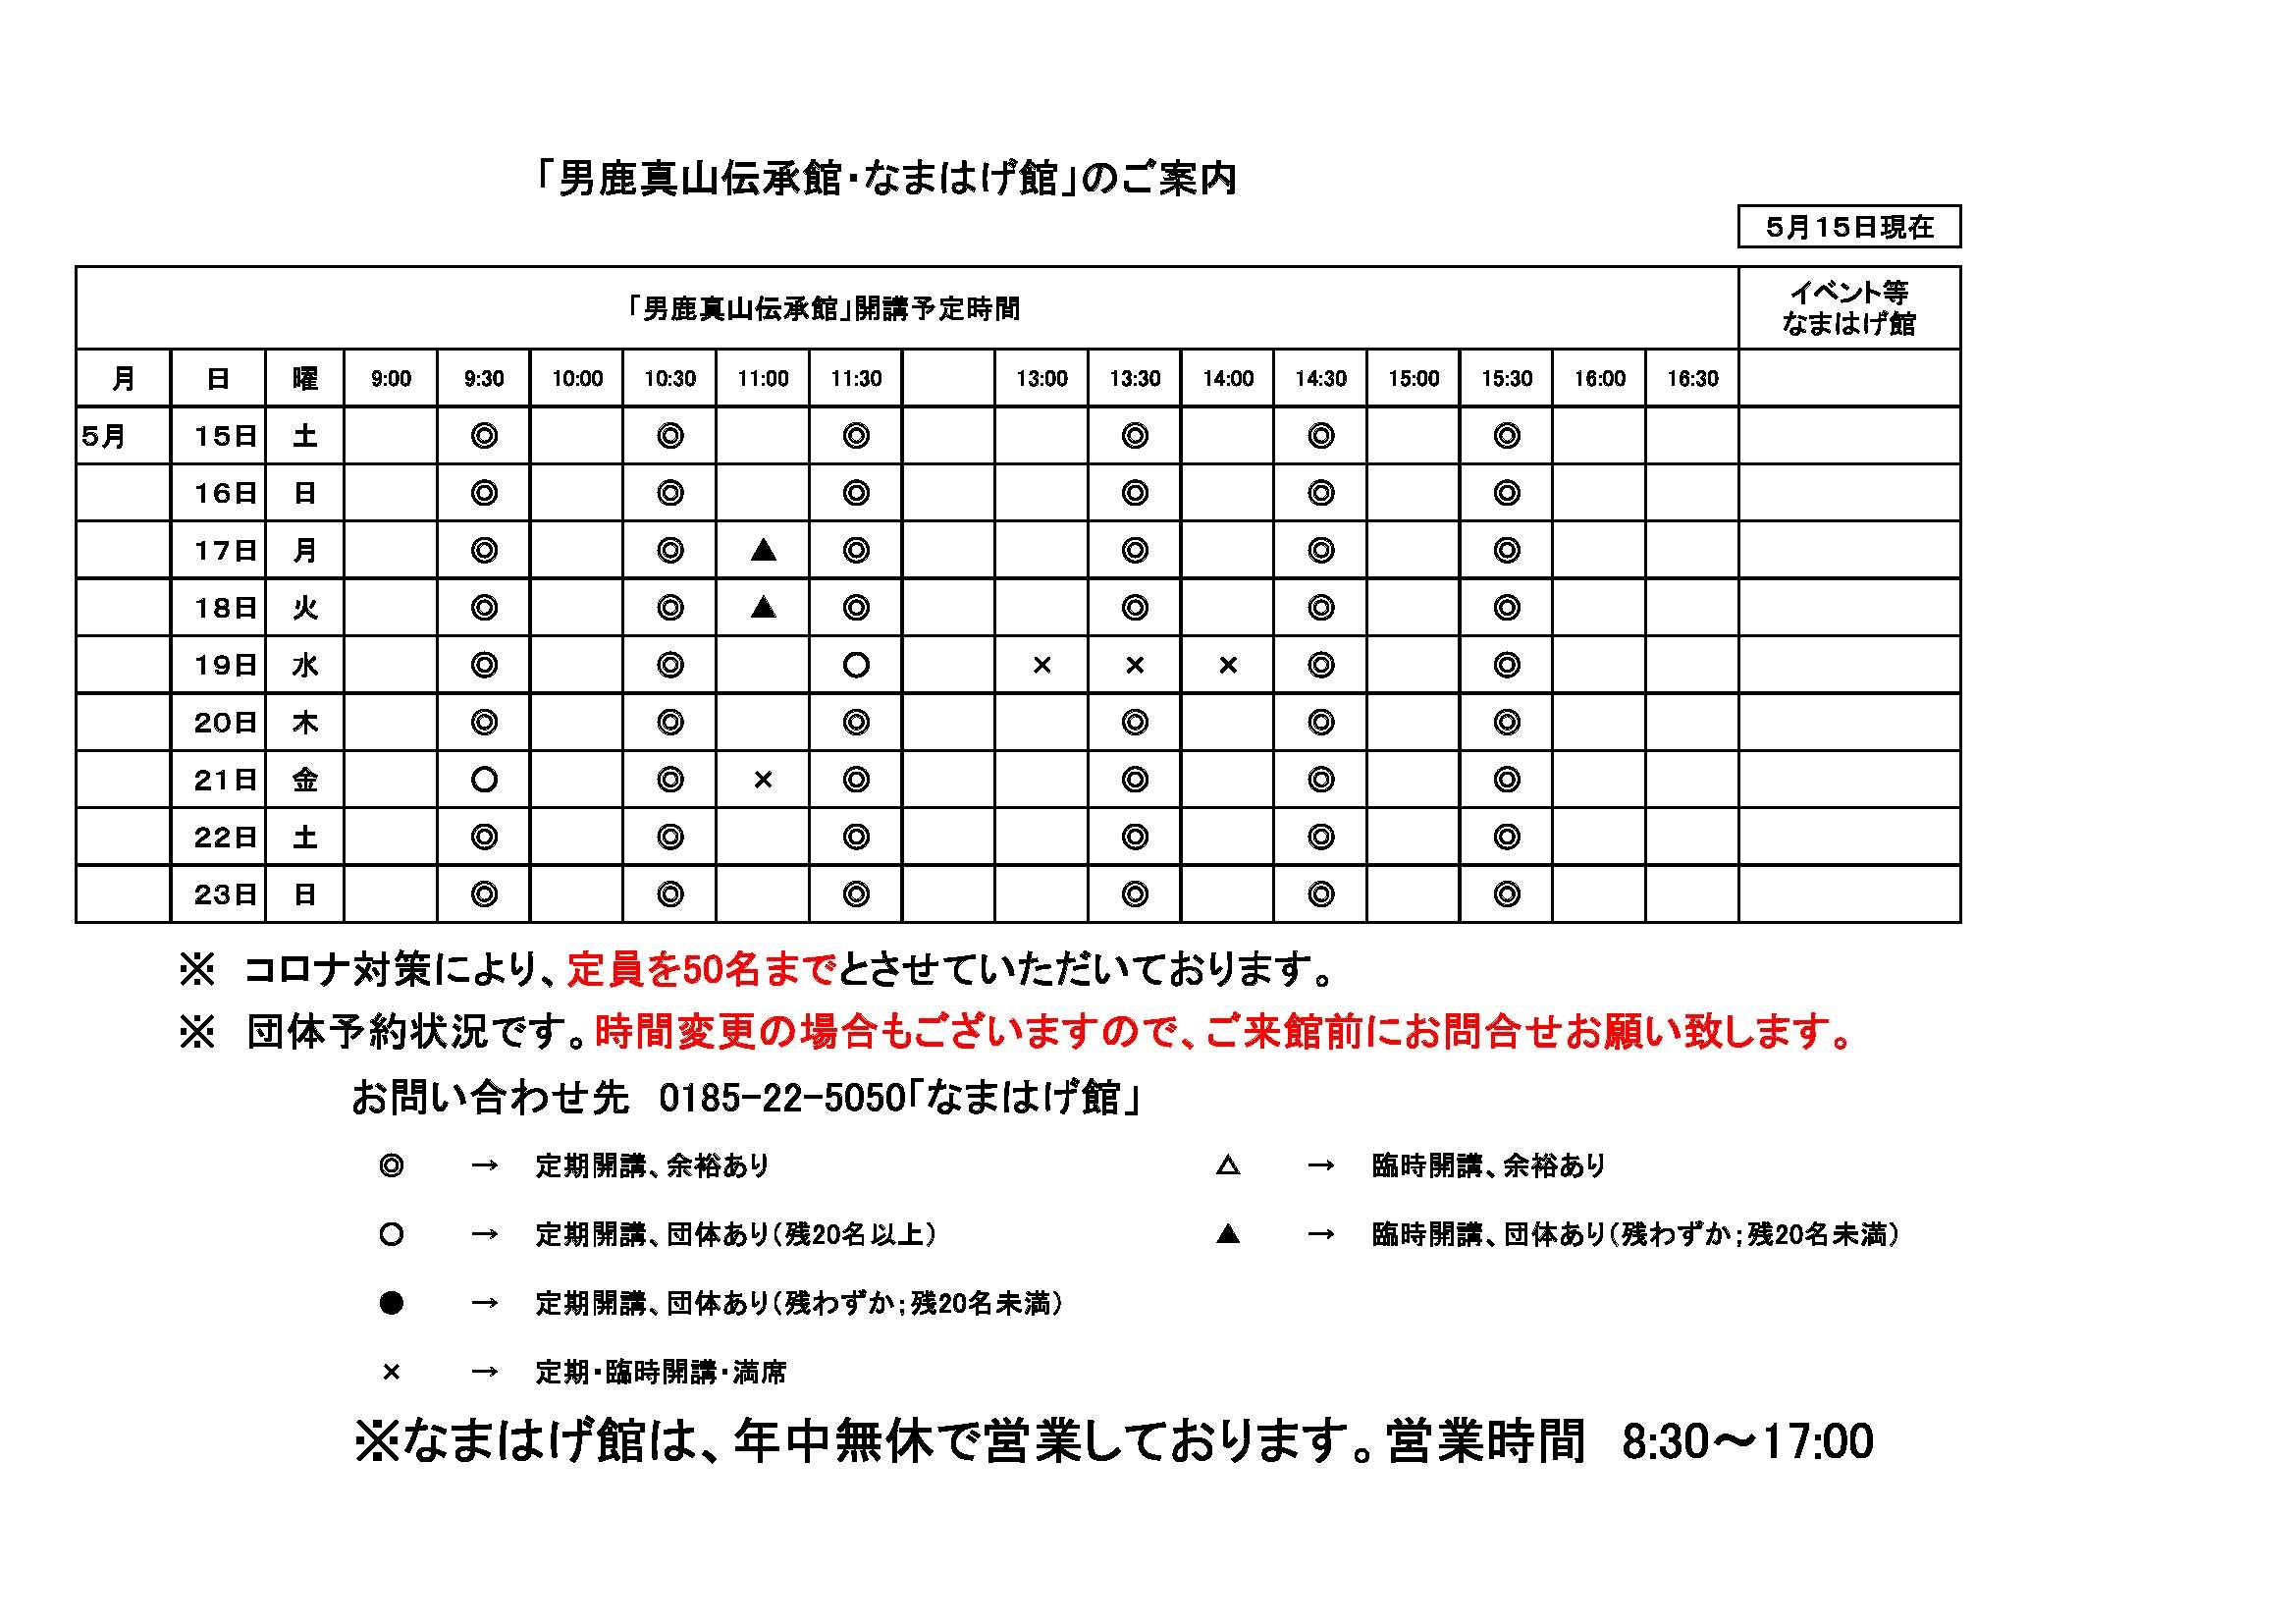 伝承館お知らせ(5月15日)_ページ_1.jpg